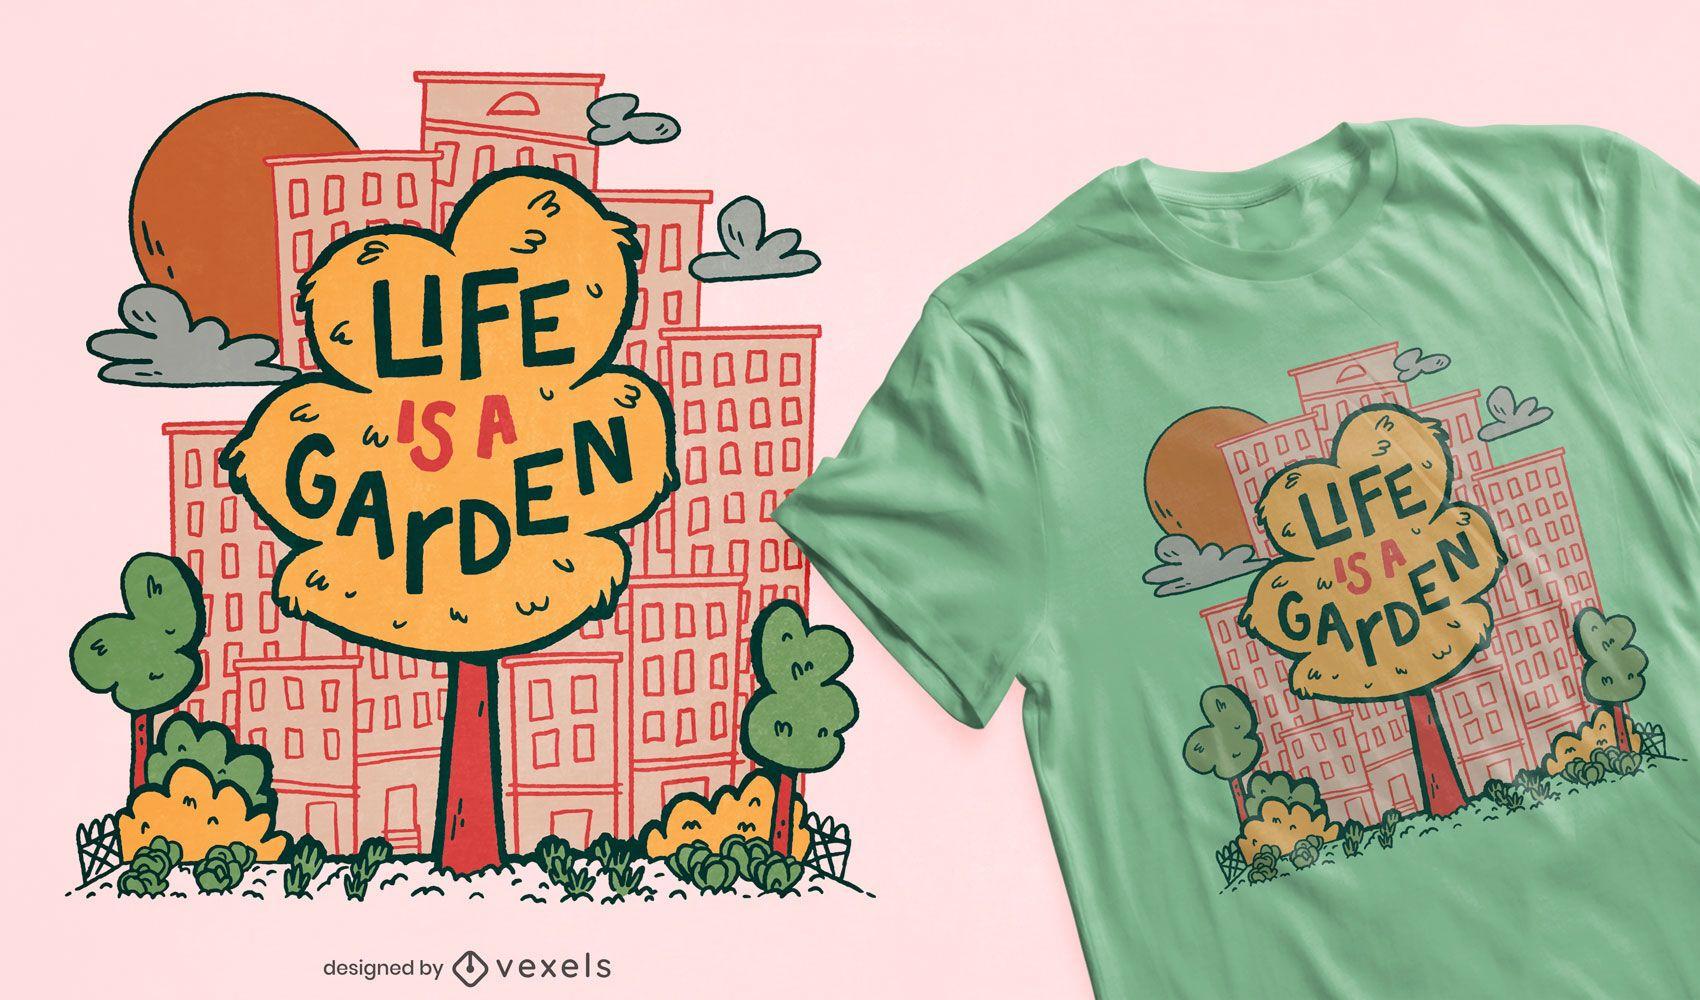 City tree garden t-shirt design